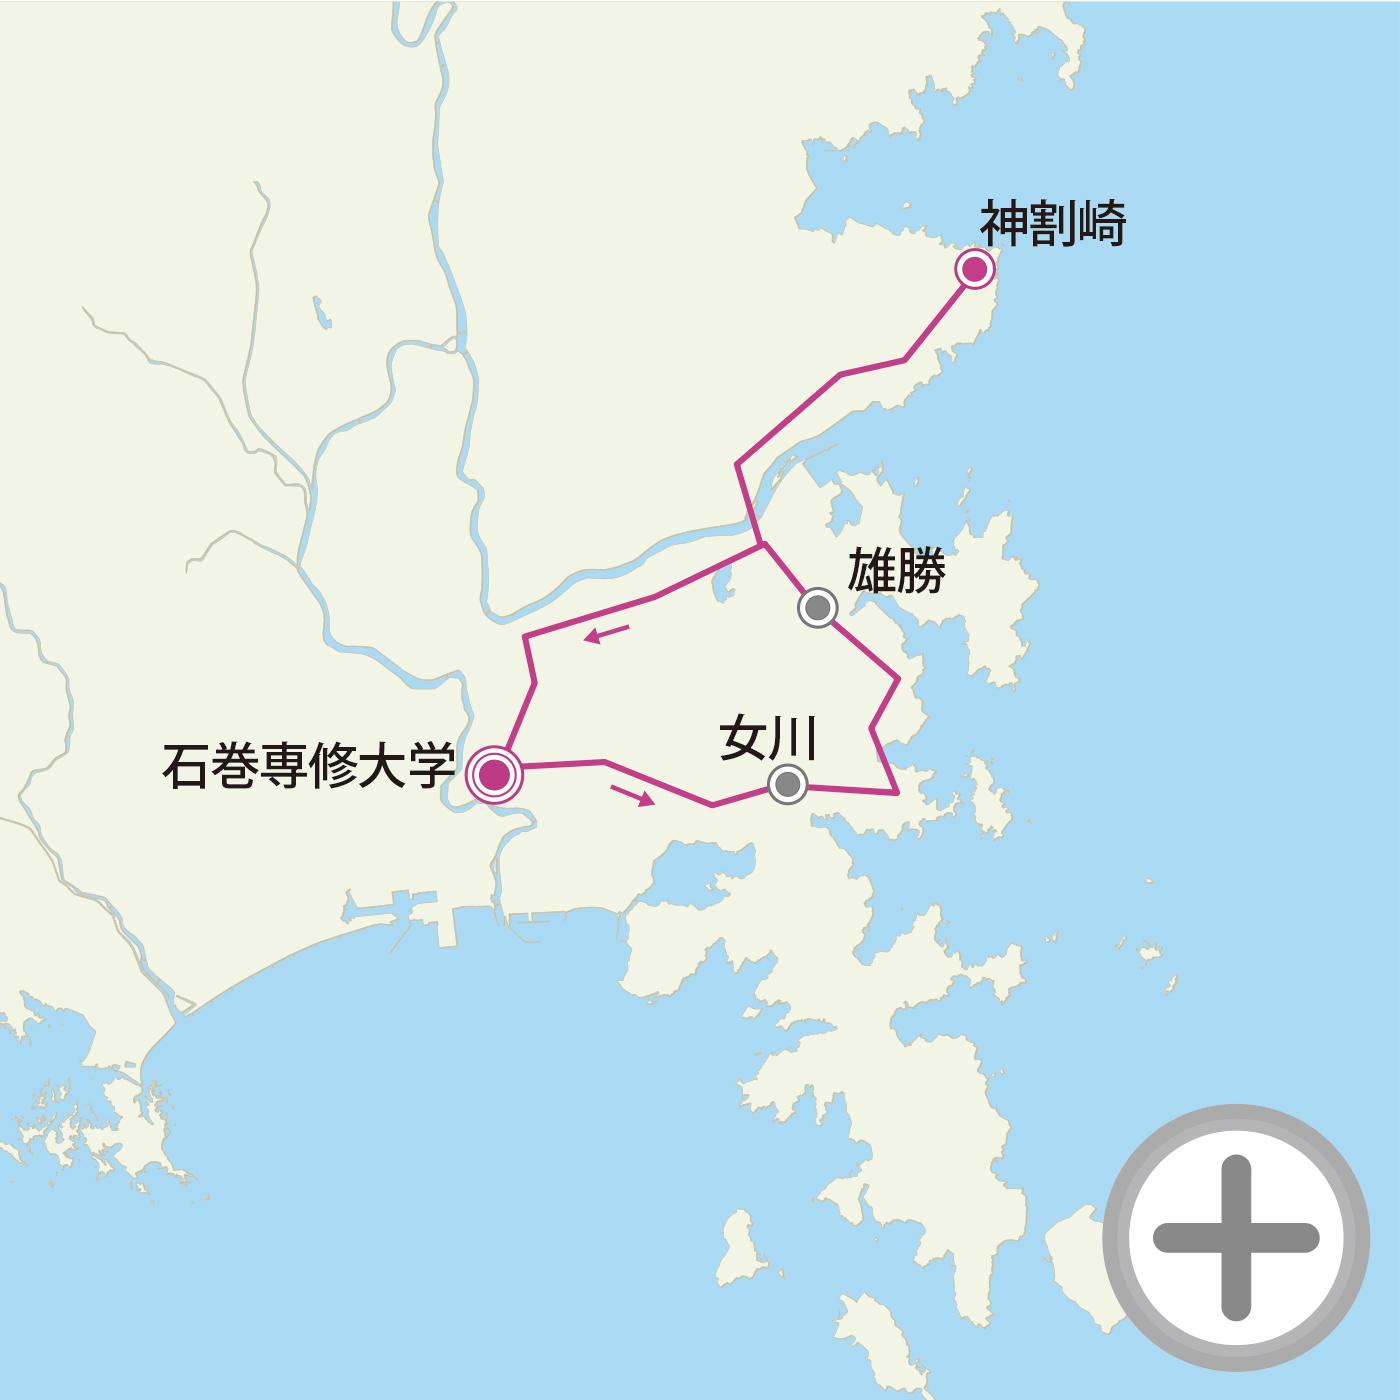 北上フォンドコースマップの画像